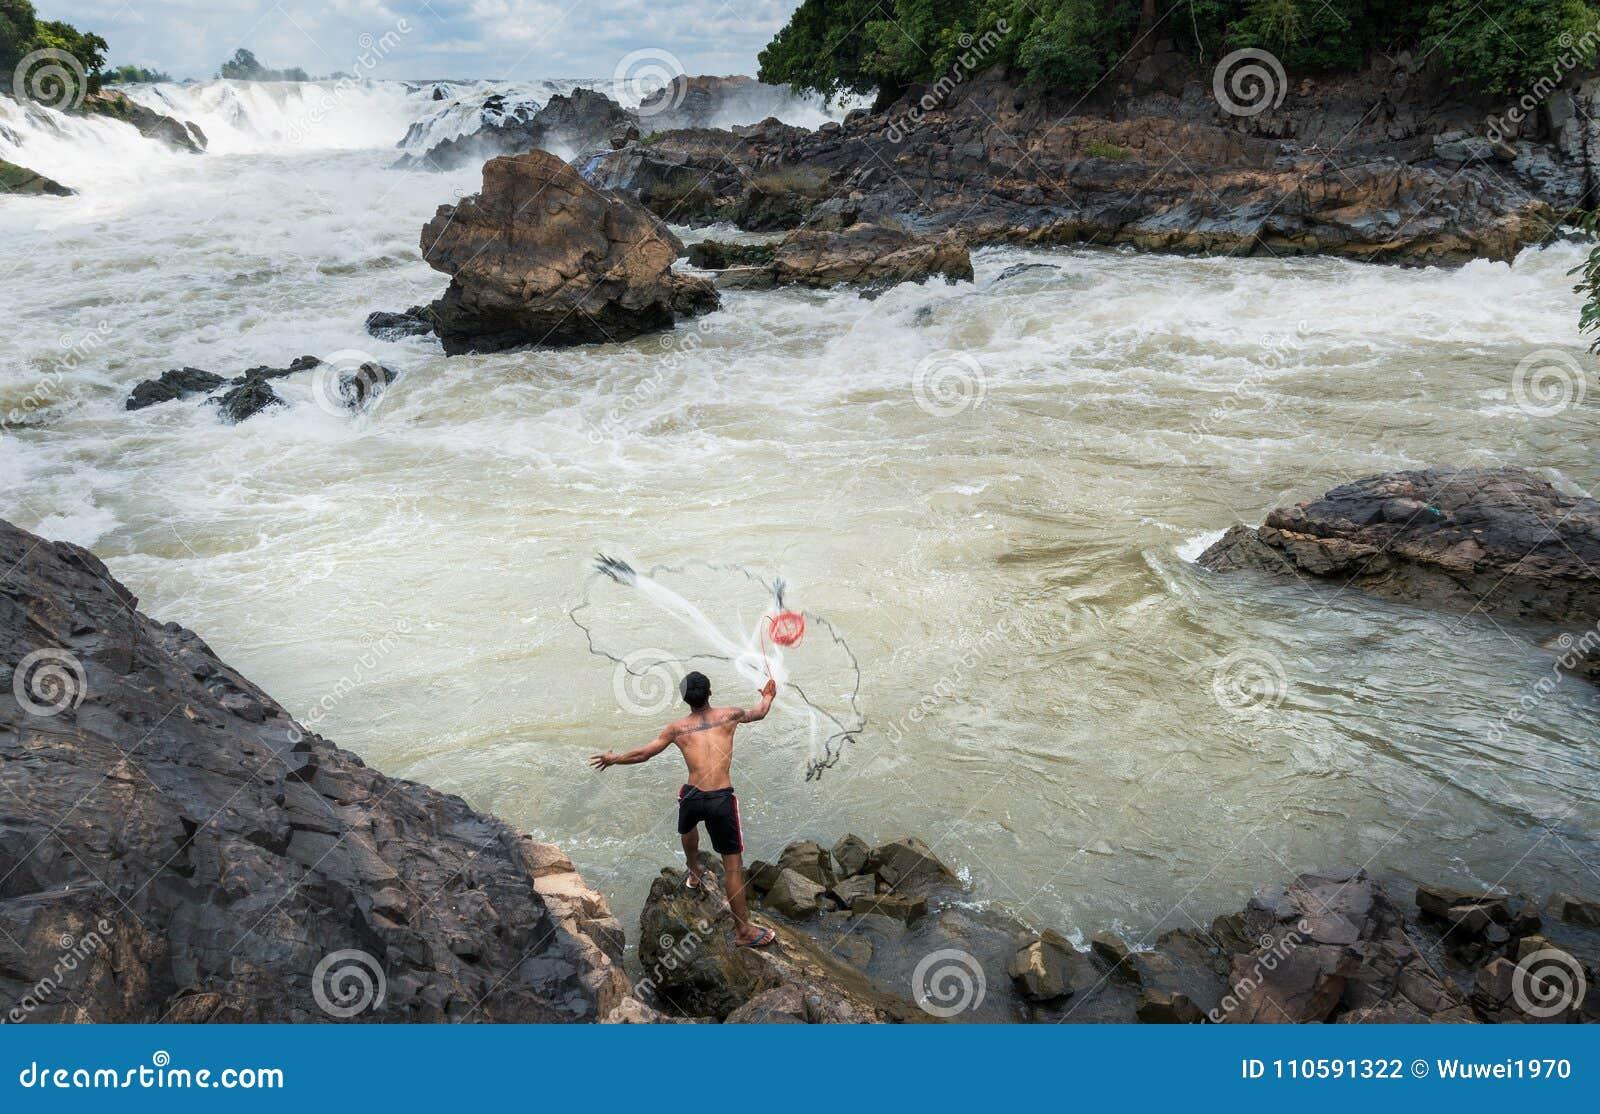 Fiskare på Mekonget River